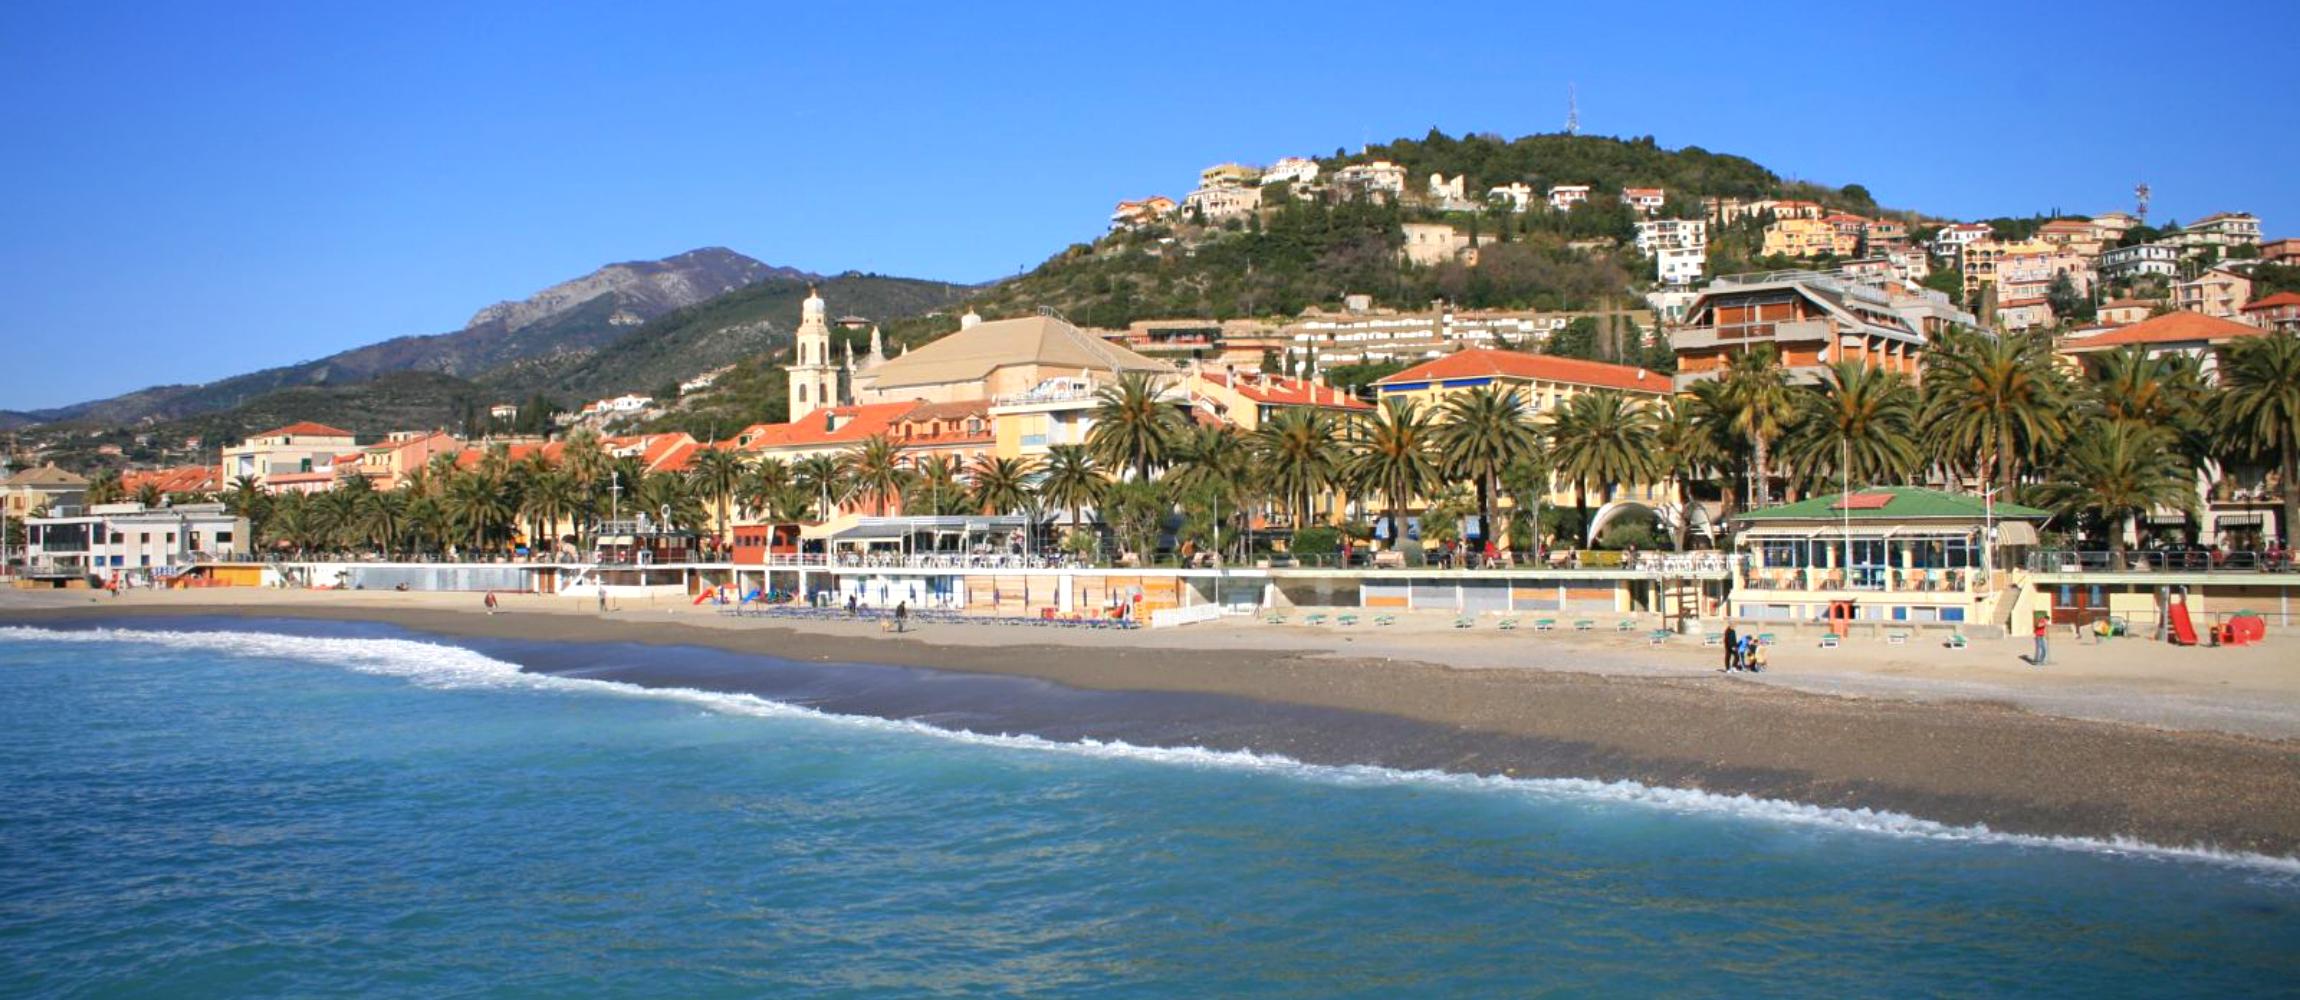 Appartamento con ampia terrazza a pochi passi dal mare